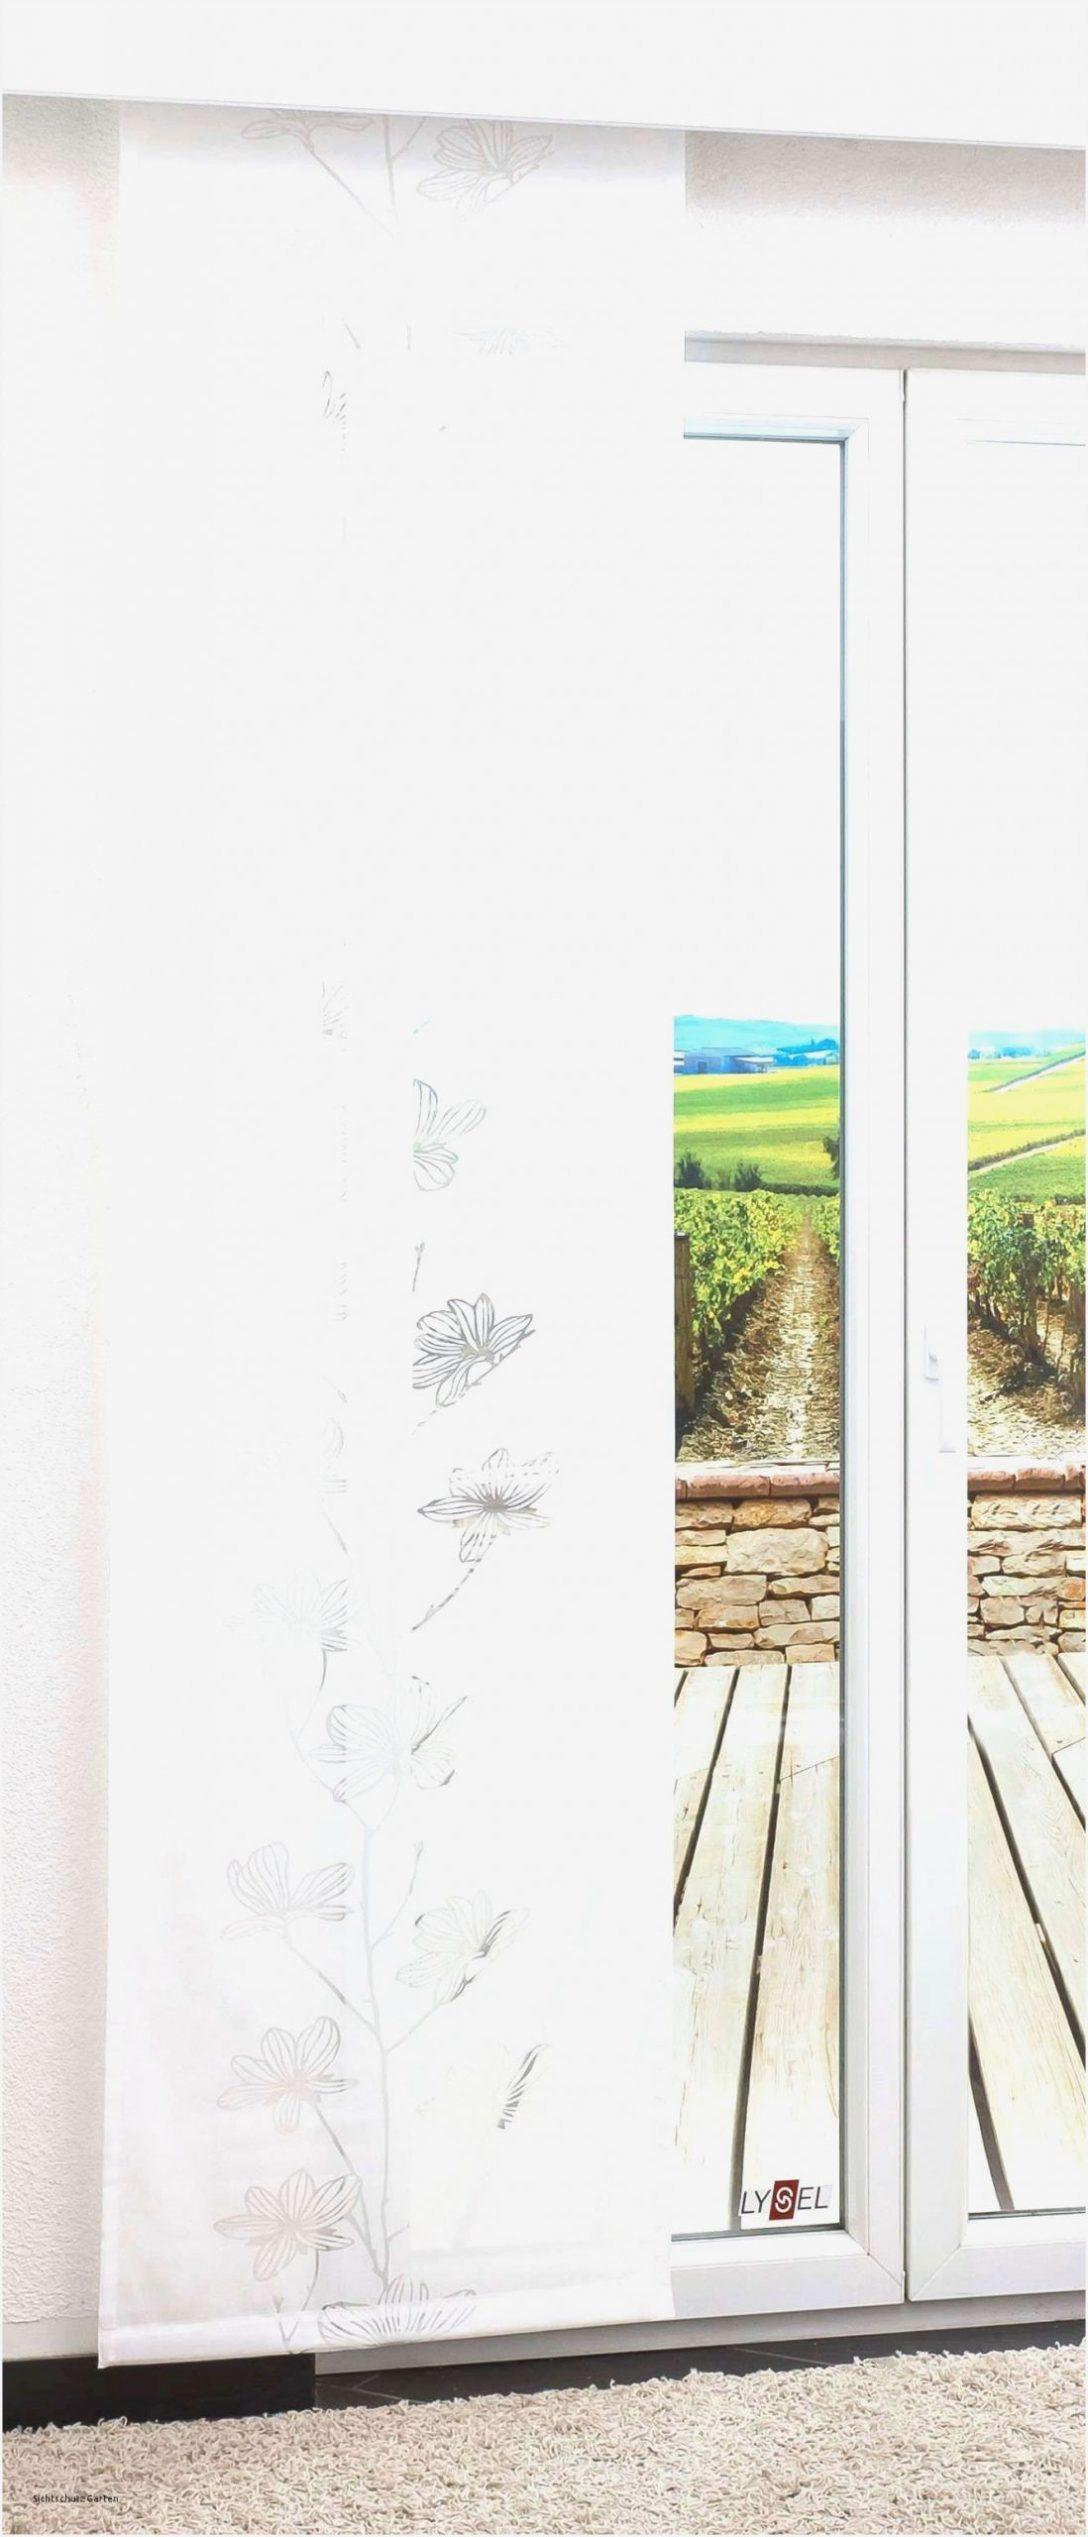 Large Size of Klettergerüst Indoor Klettergerst Ideen Kinderzimmer Traumhaus Garten Wohnzimmer Klettergerüst Indoor